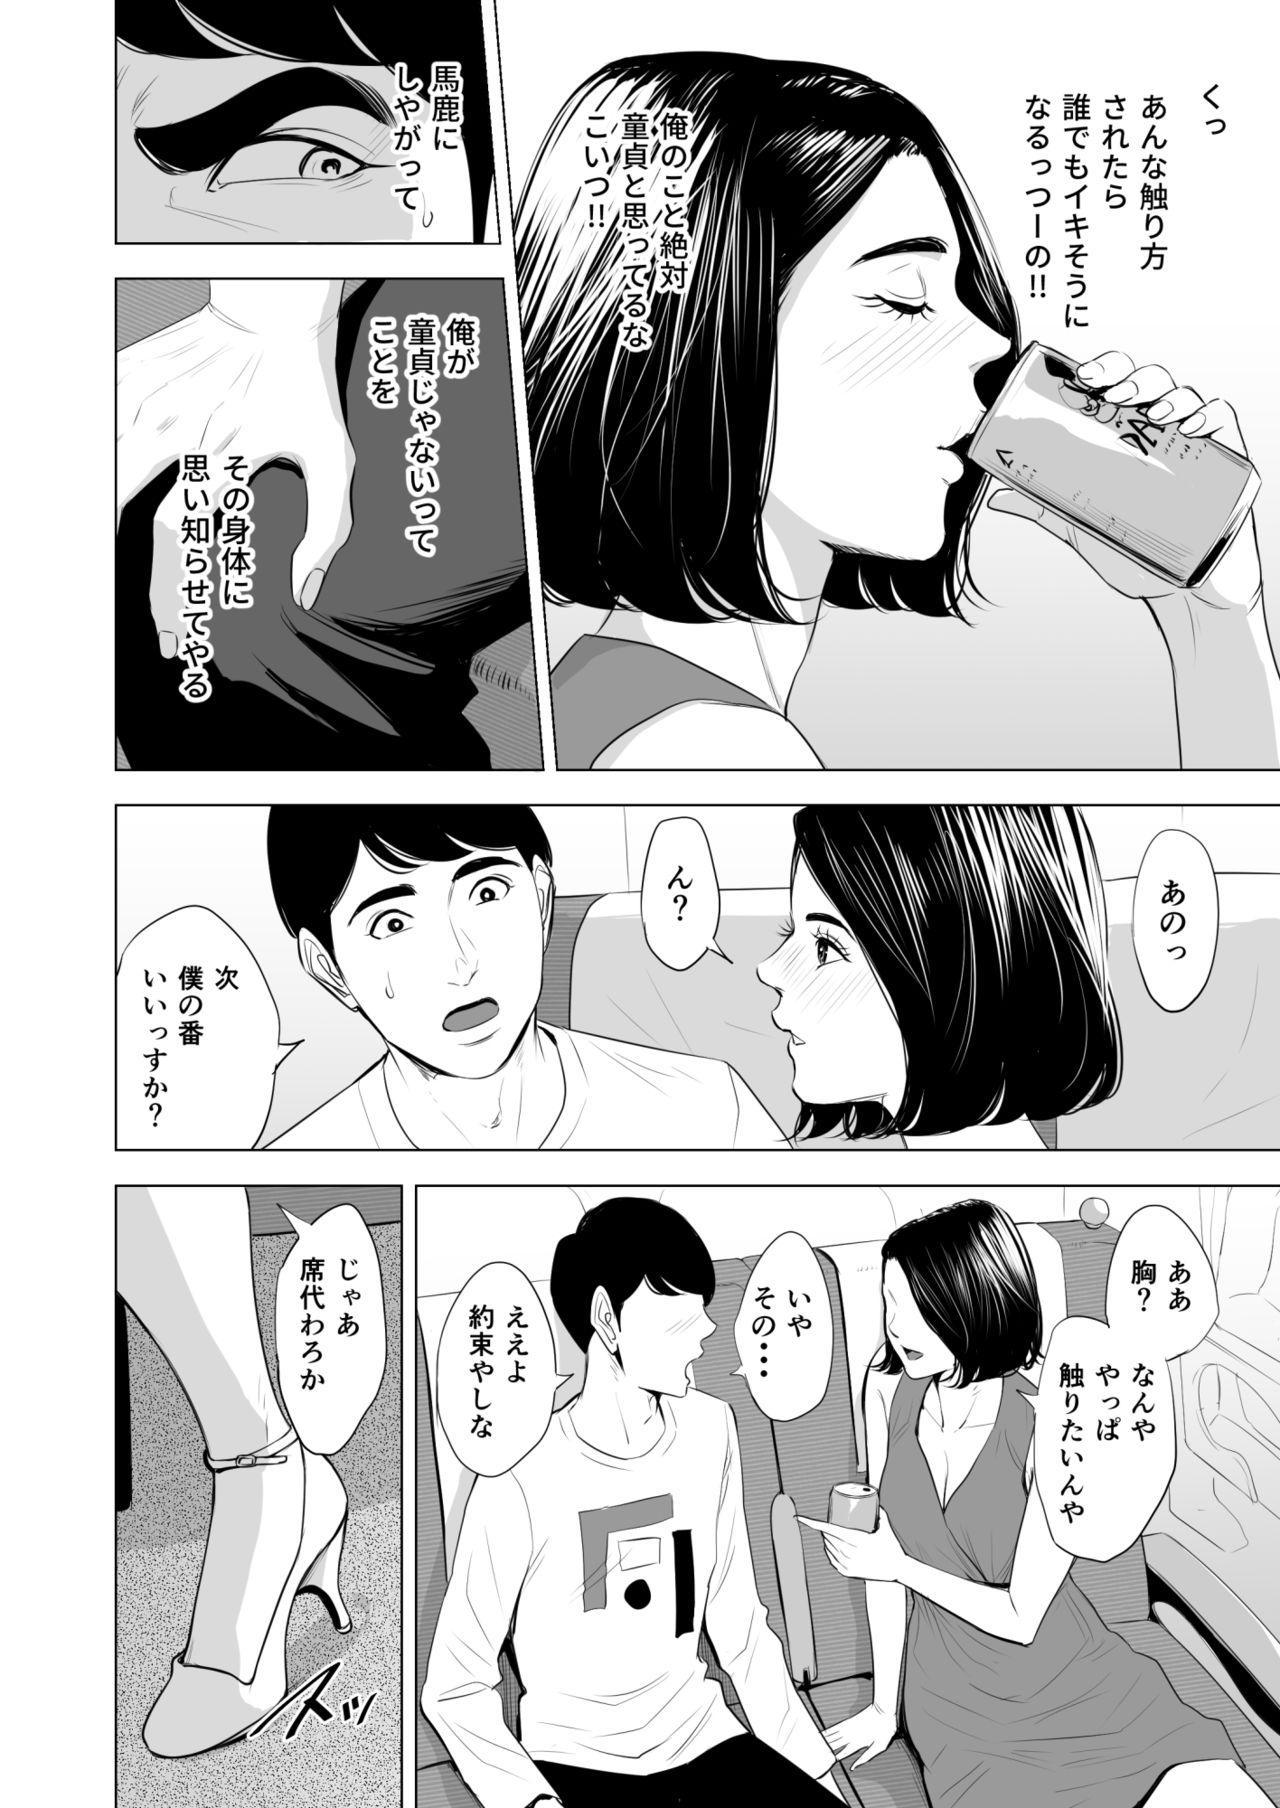 Shinkansen de Nani shiteru!? 19